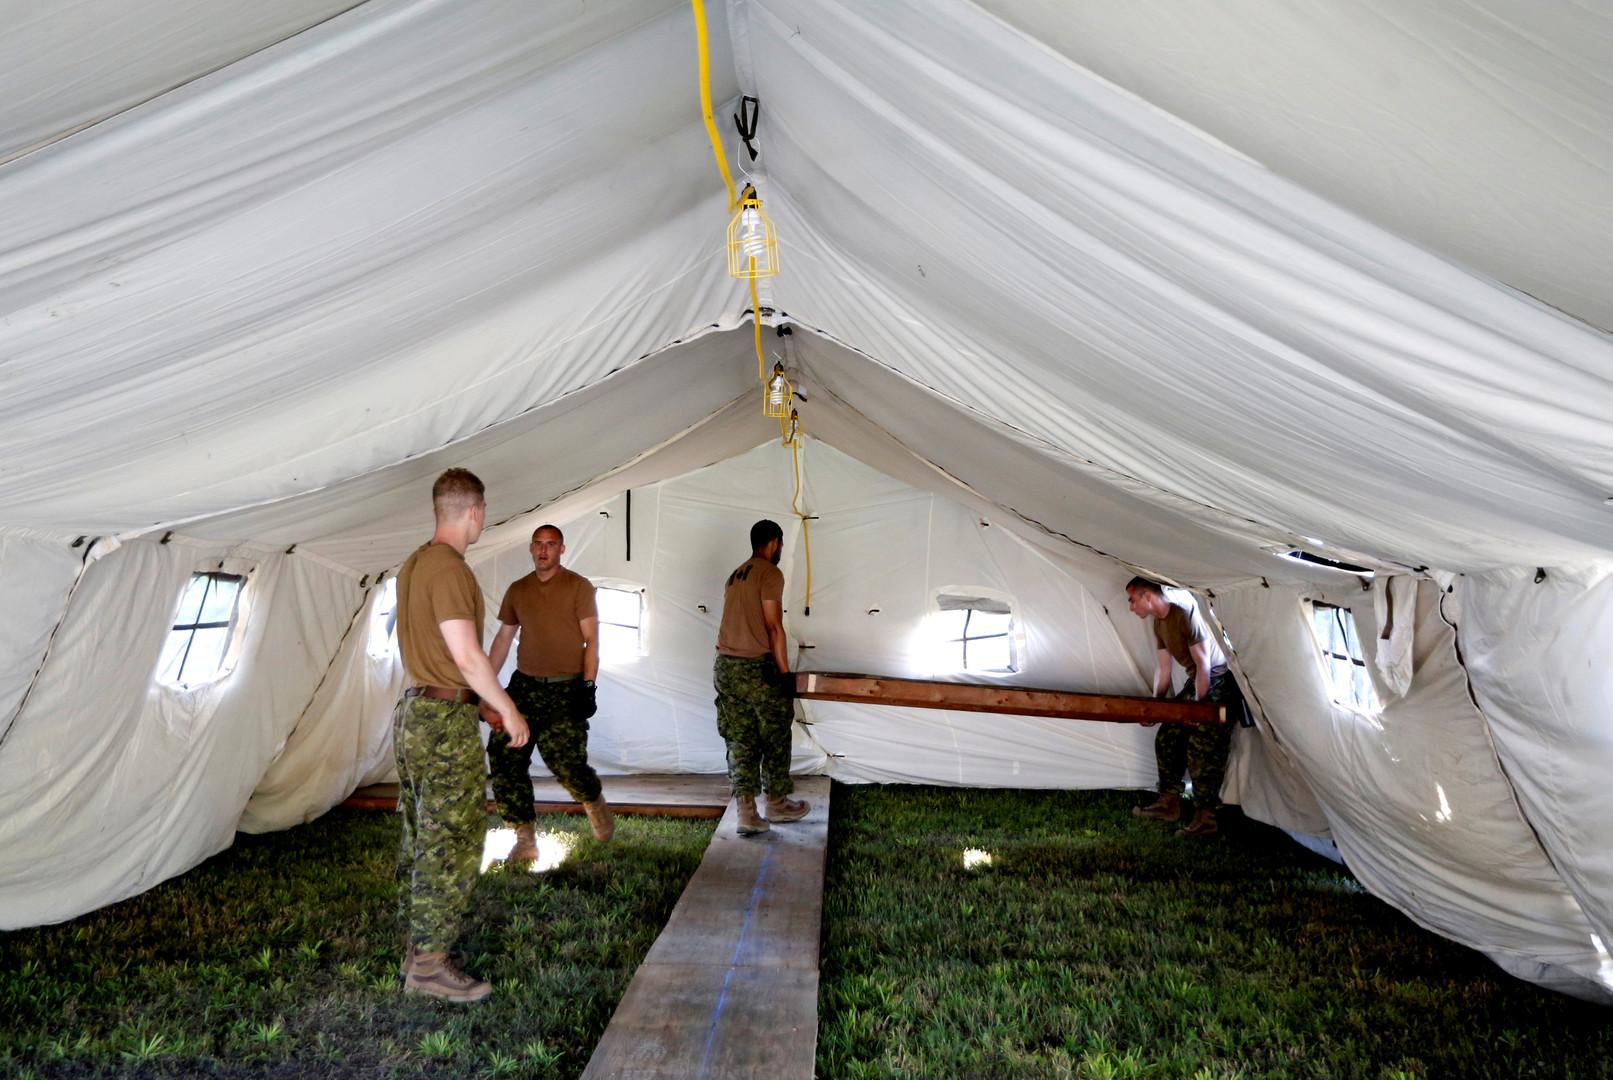 Kanada baut an US-Grenze Zeltlager für Asylbewerber [FOTOS]